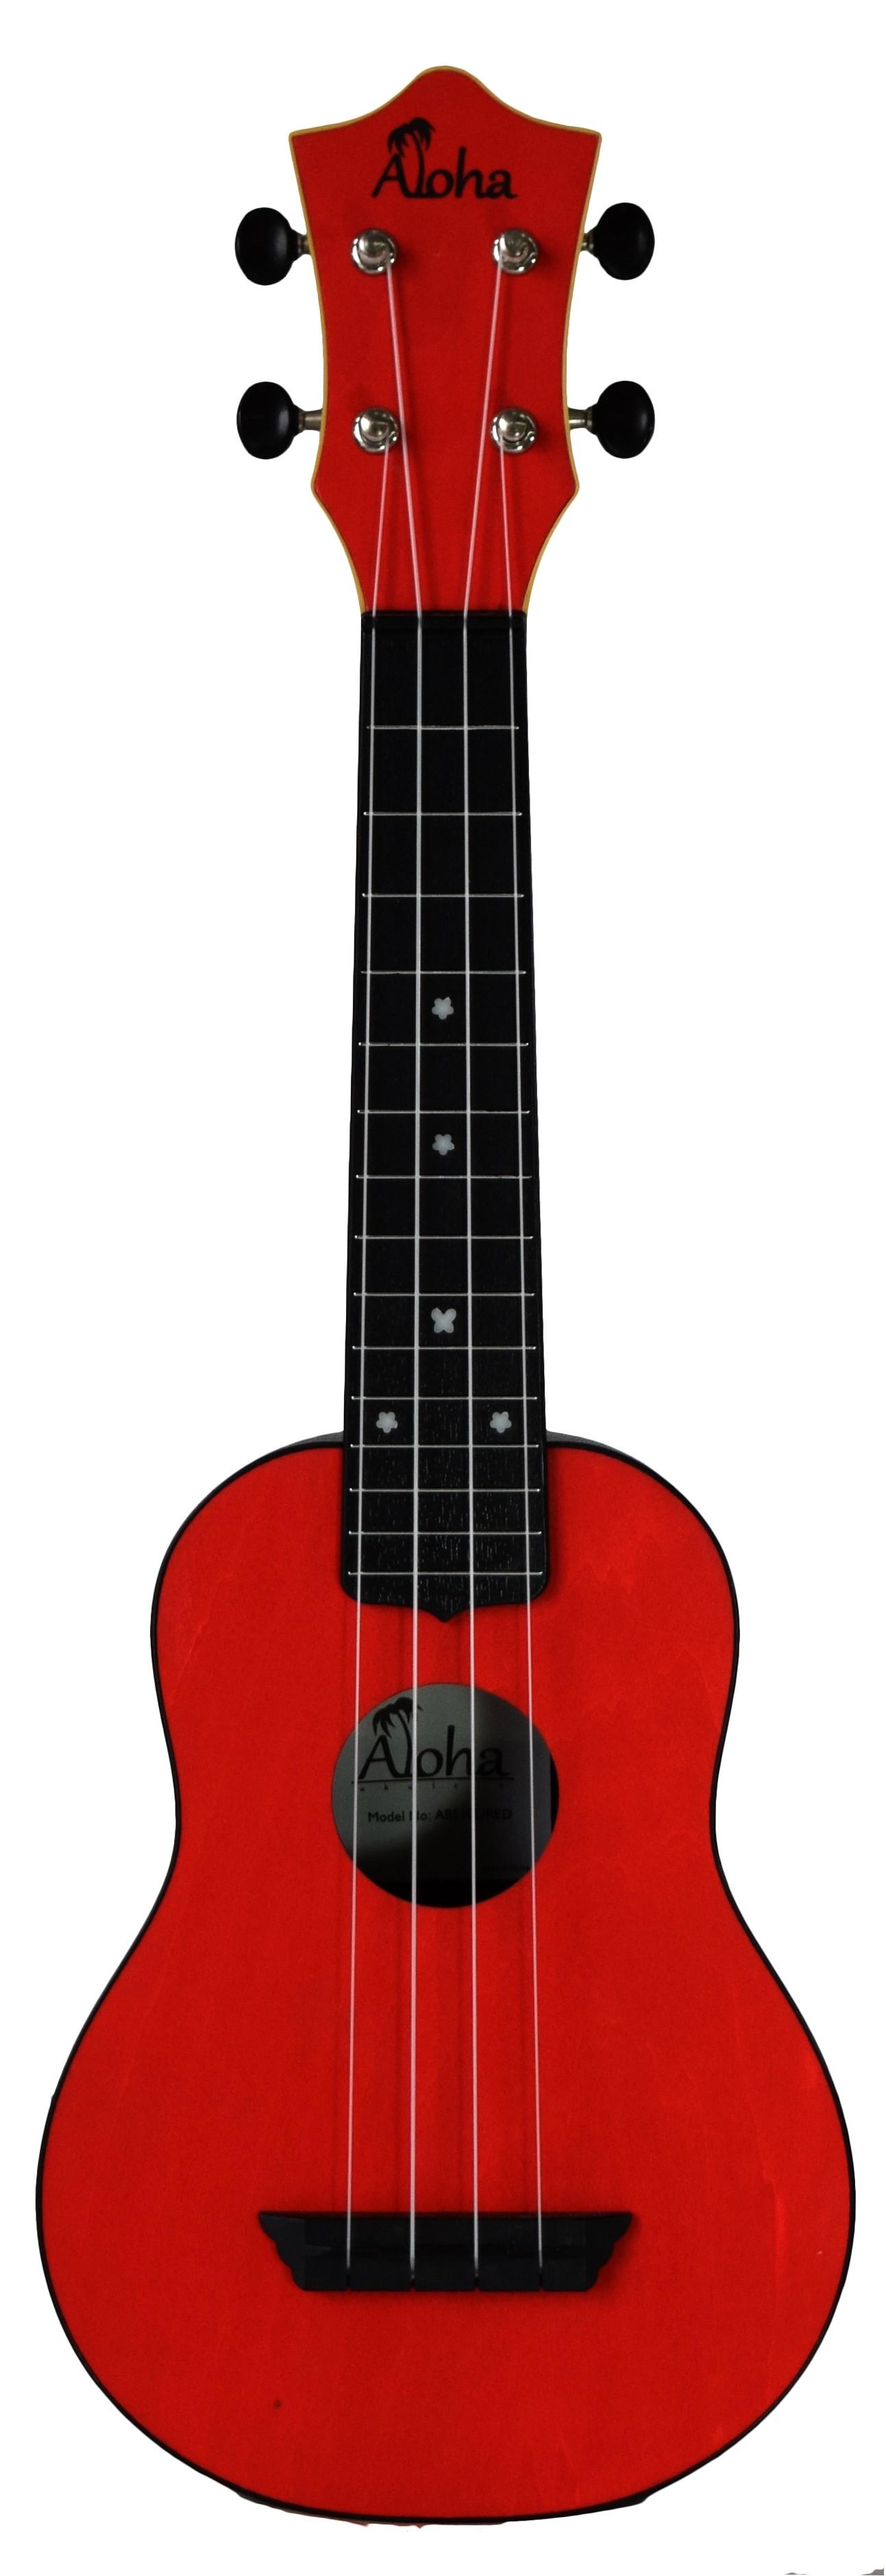 ALOHA ABS10 ROUNDBACK SOPRANO UKULELE - RED